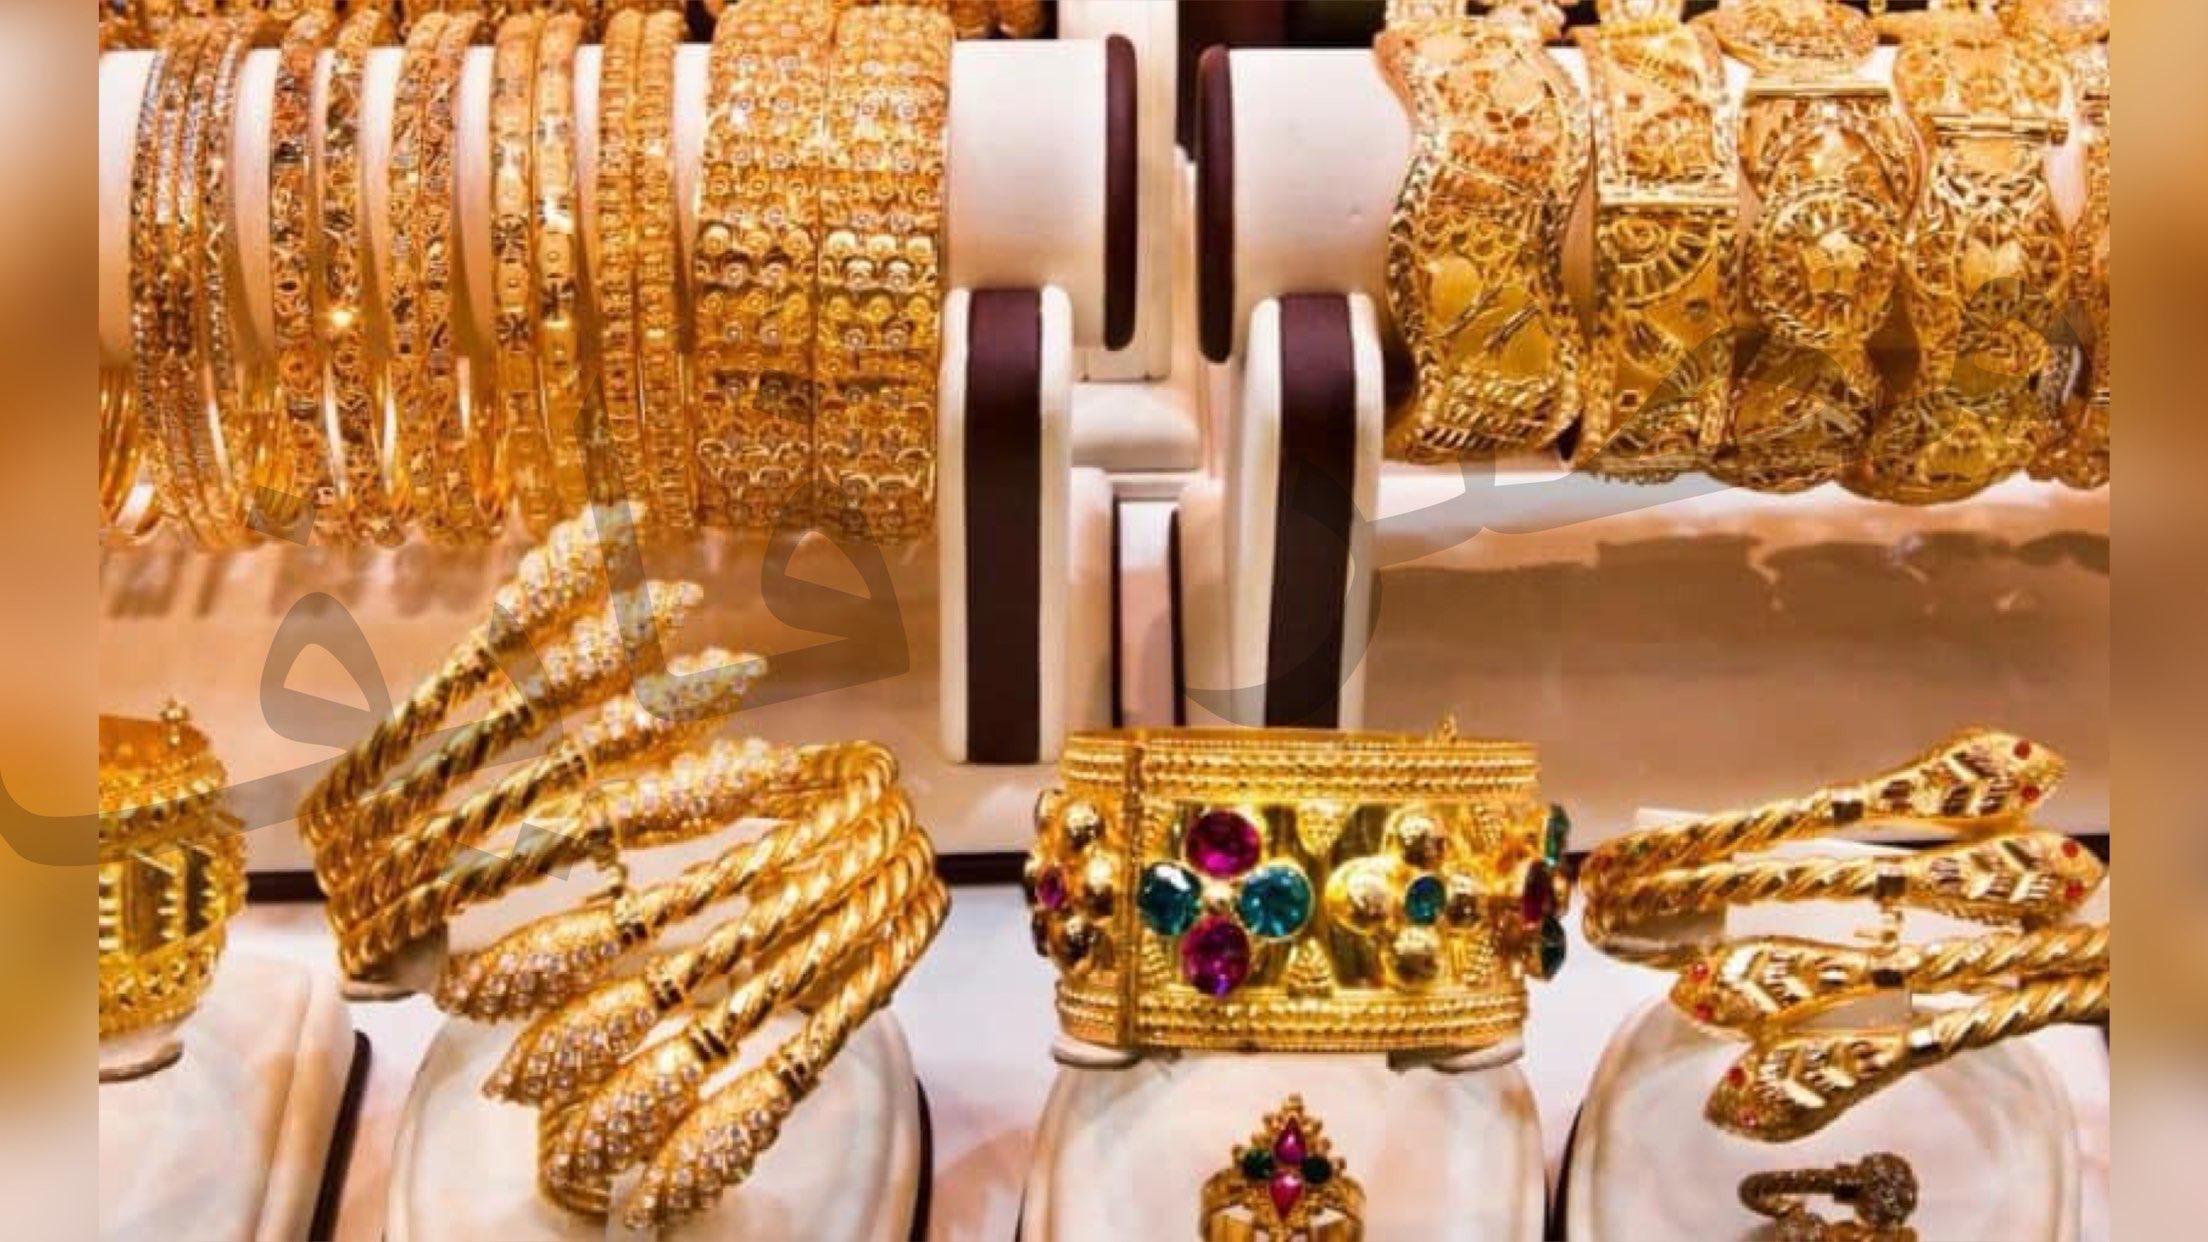 السندات الأمريكية ترفع سعر جرام الذهب في مصر ولكن هل سيبقي صامداً؟